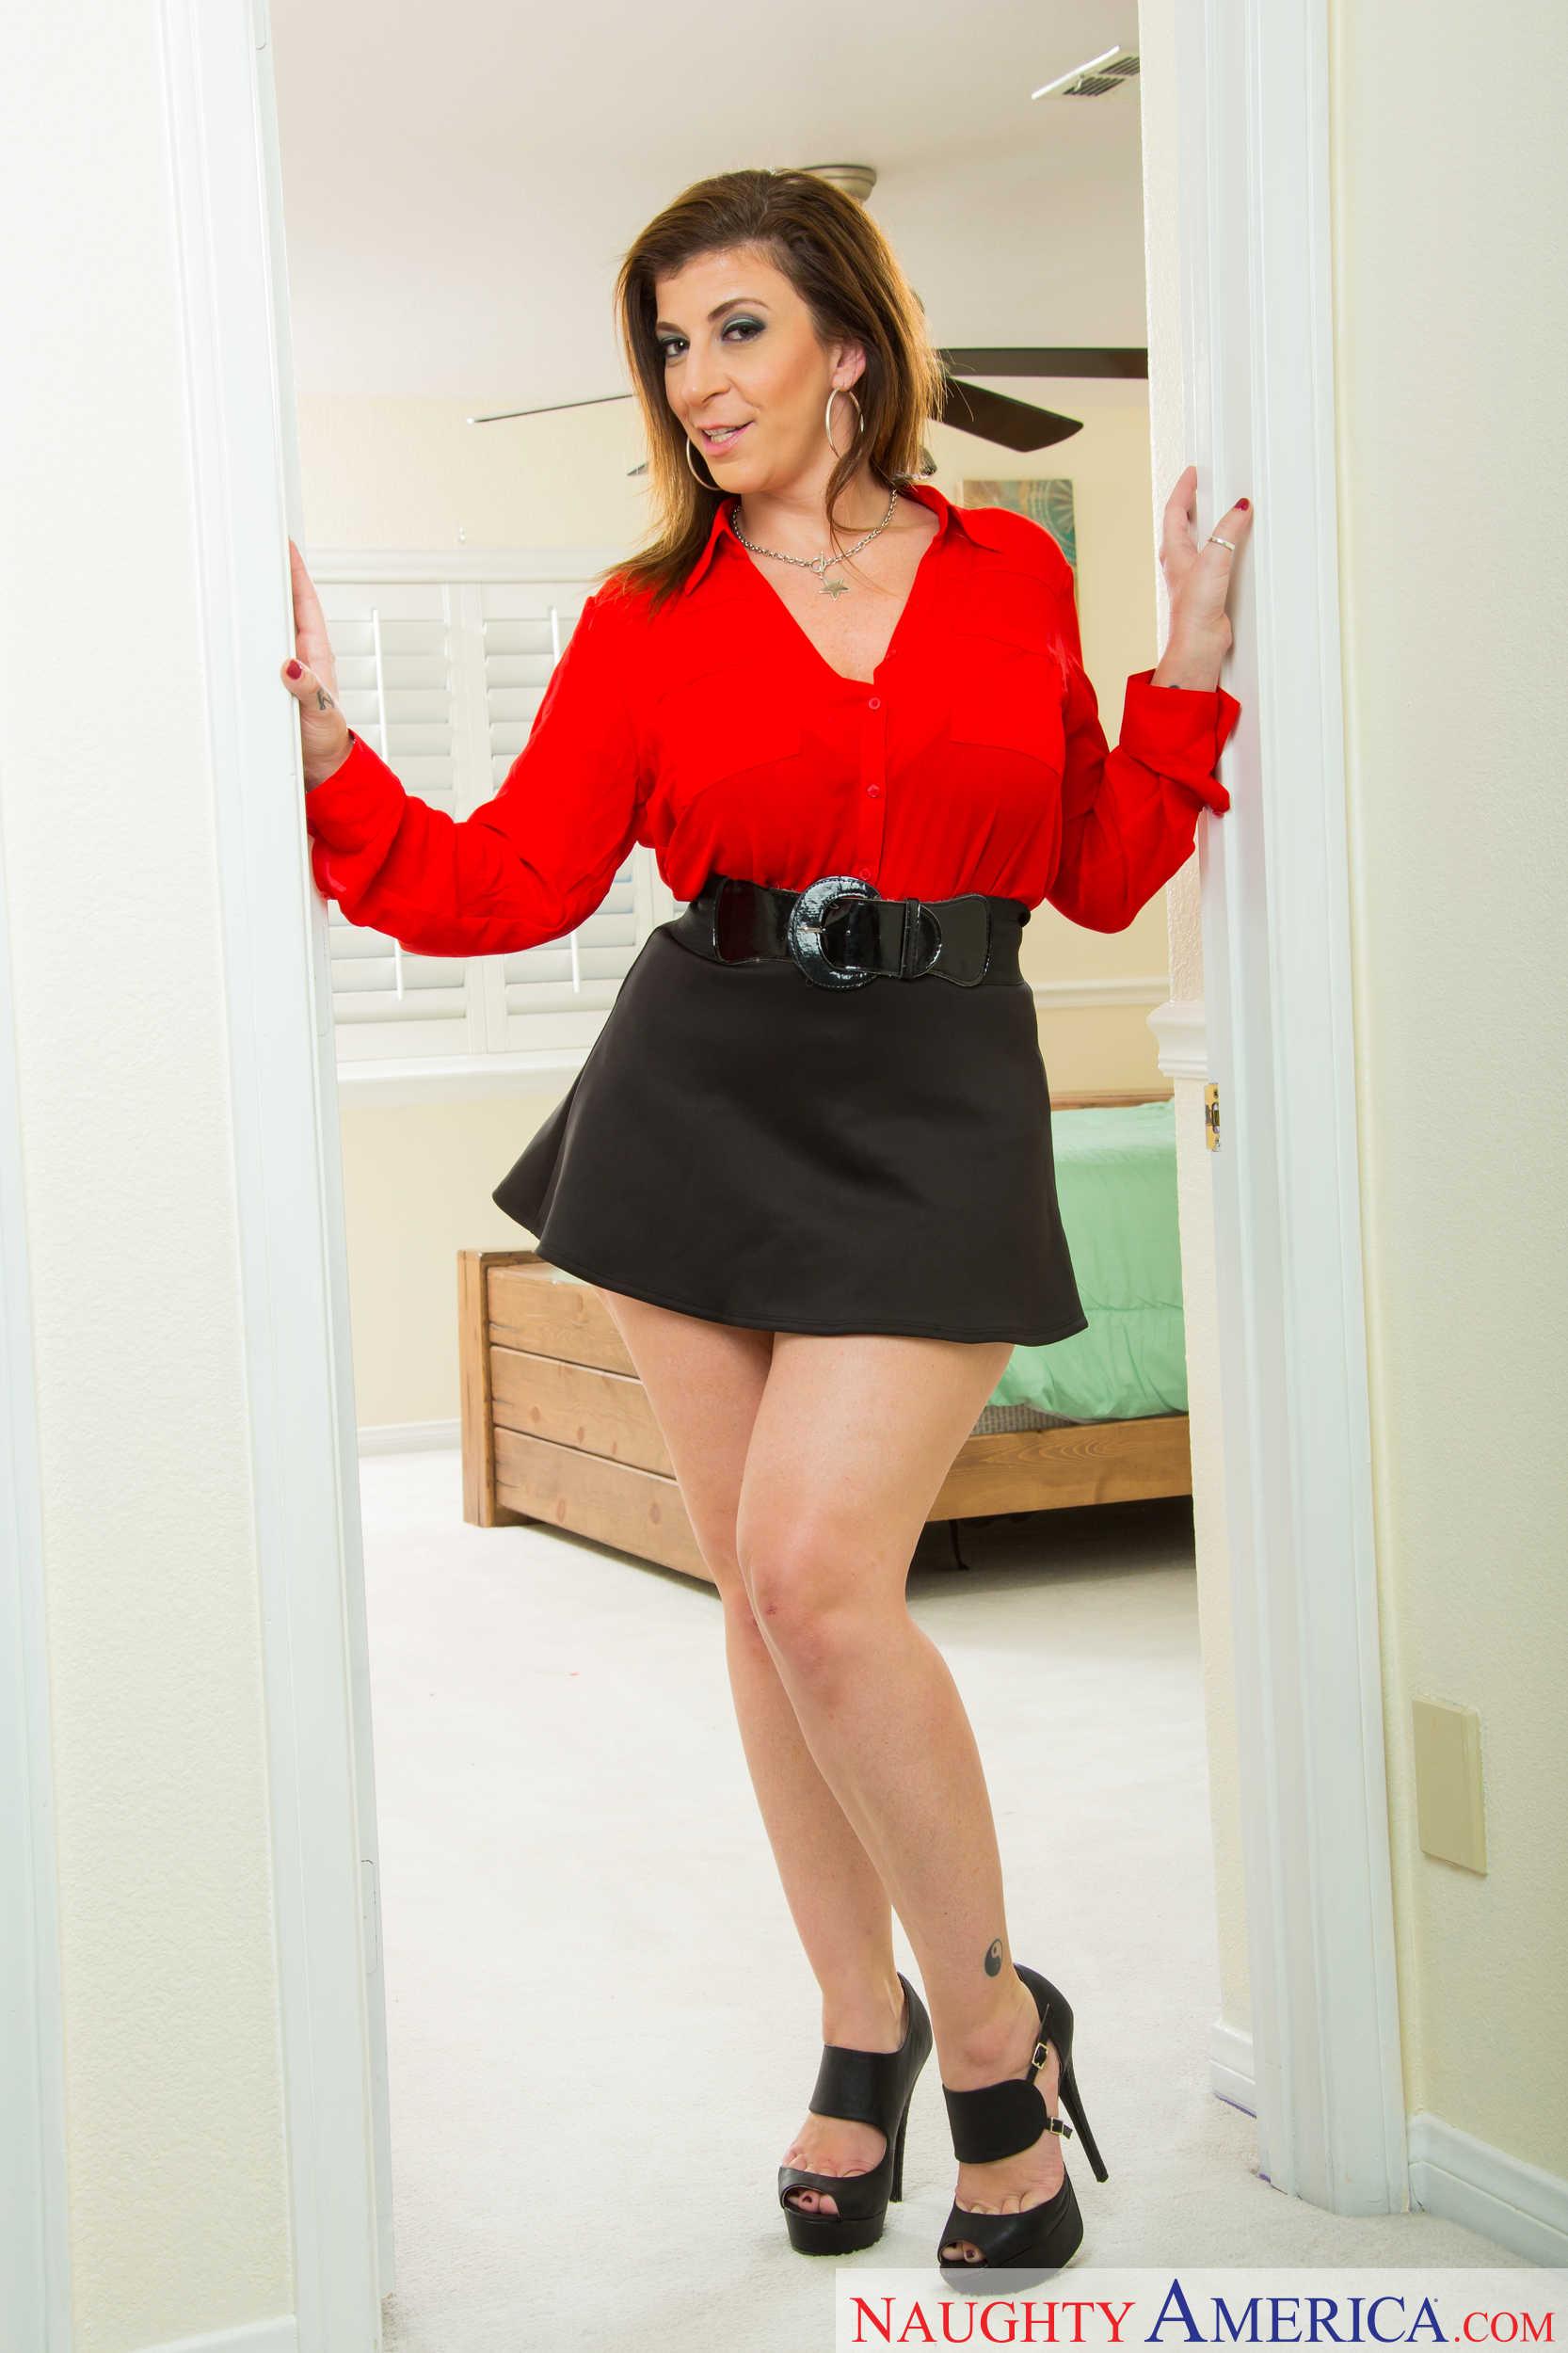 Hot mom short skirt